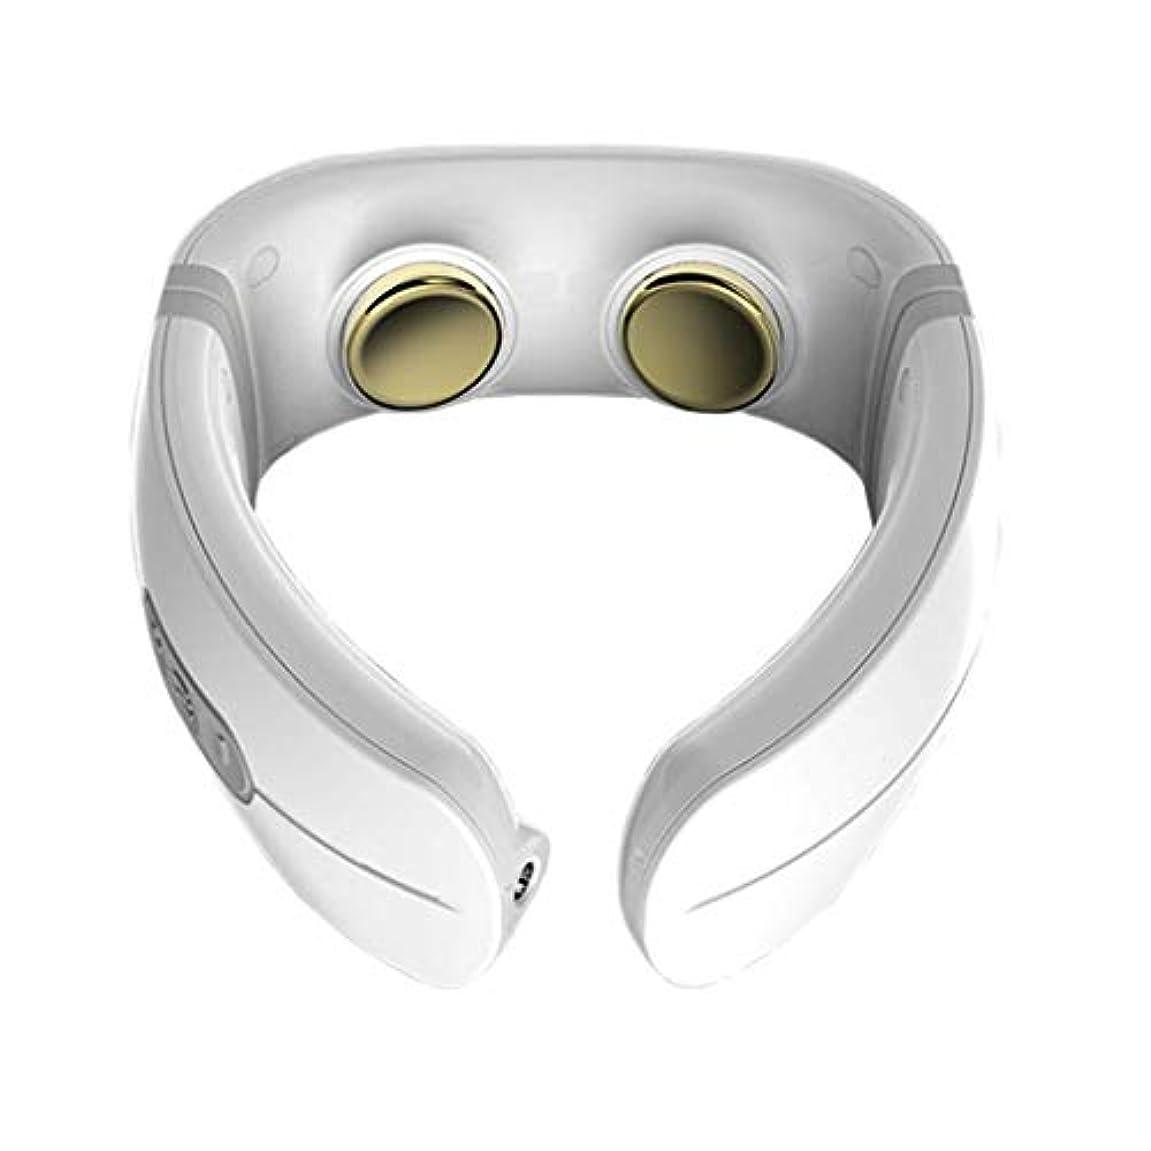 知るかごはねかける肩と首のマッサージャー、ポータブルマッサージャー、電気刺激加熱設定、指圧振動深練り、筋肉の弛緩、痛みの緩和、オフィスファミリーカー旅行に使用